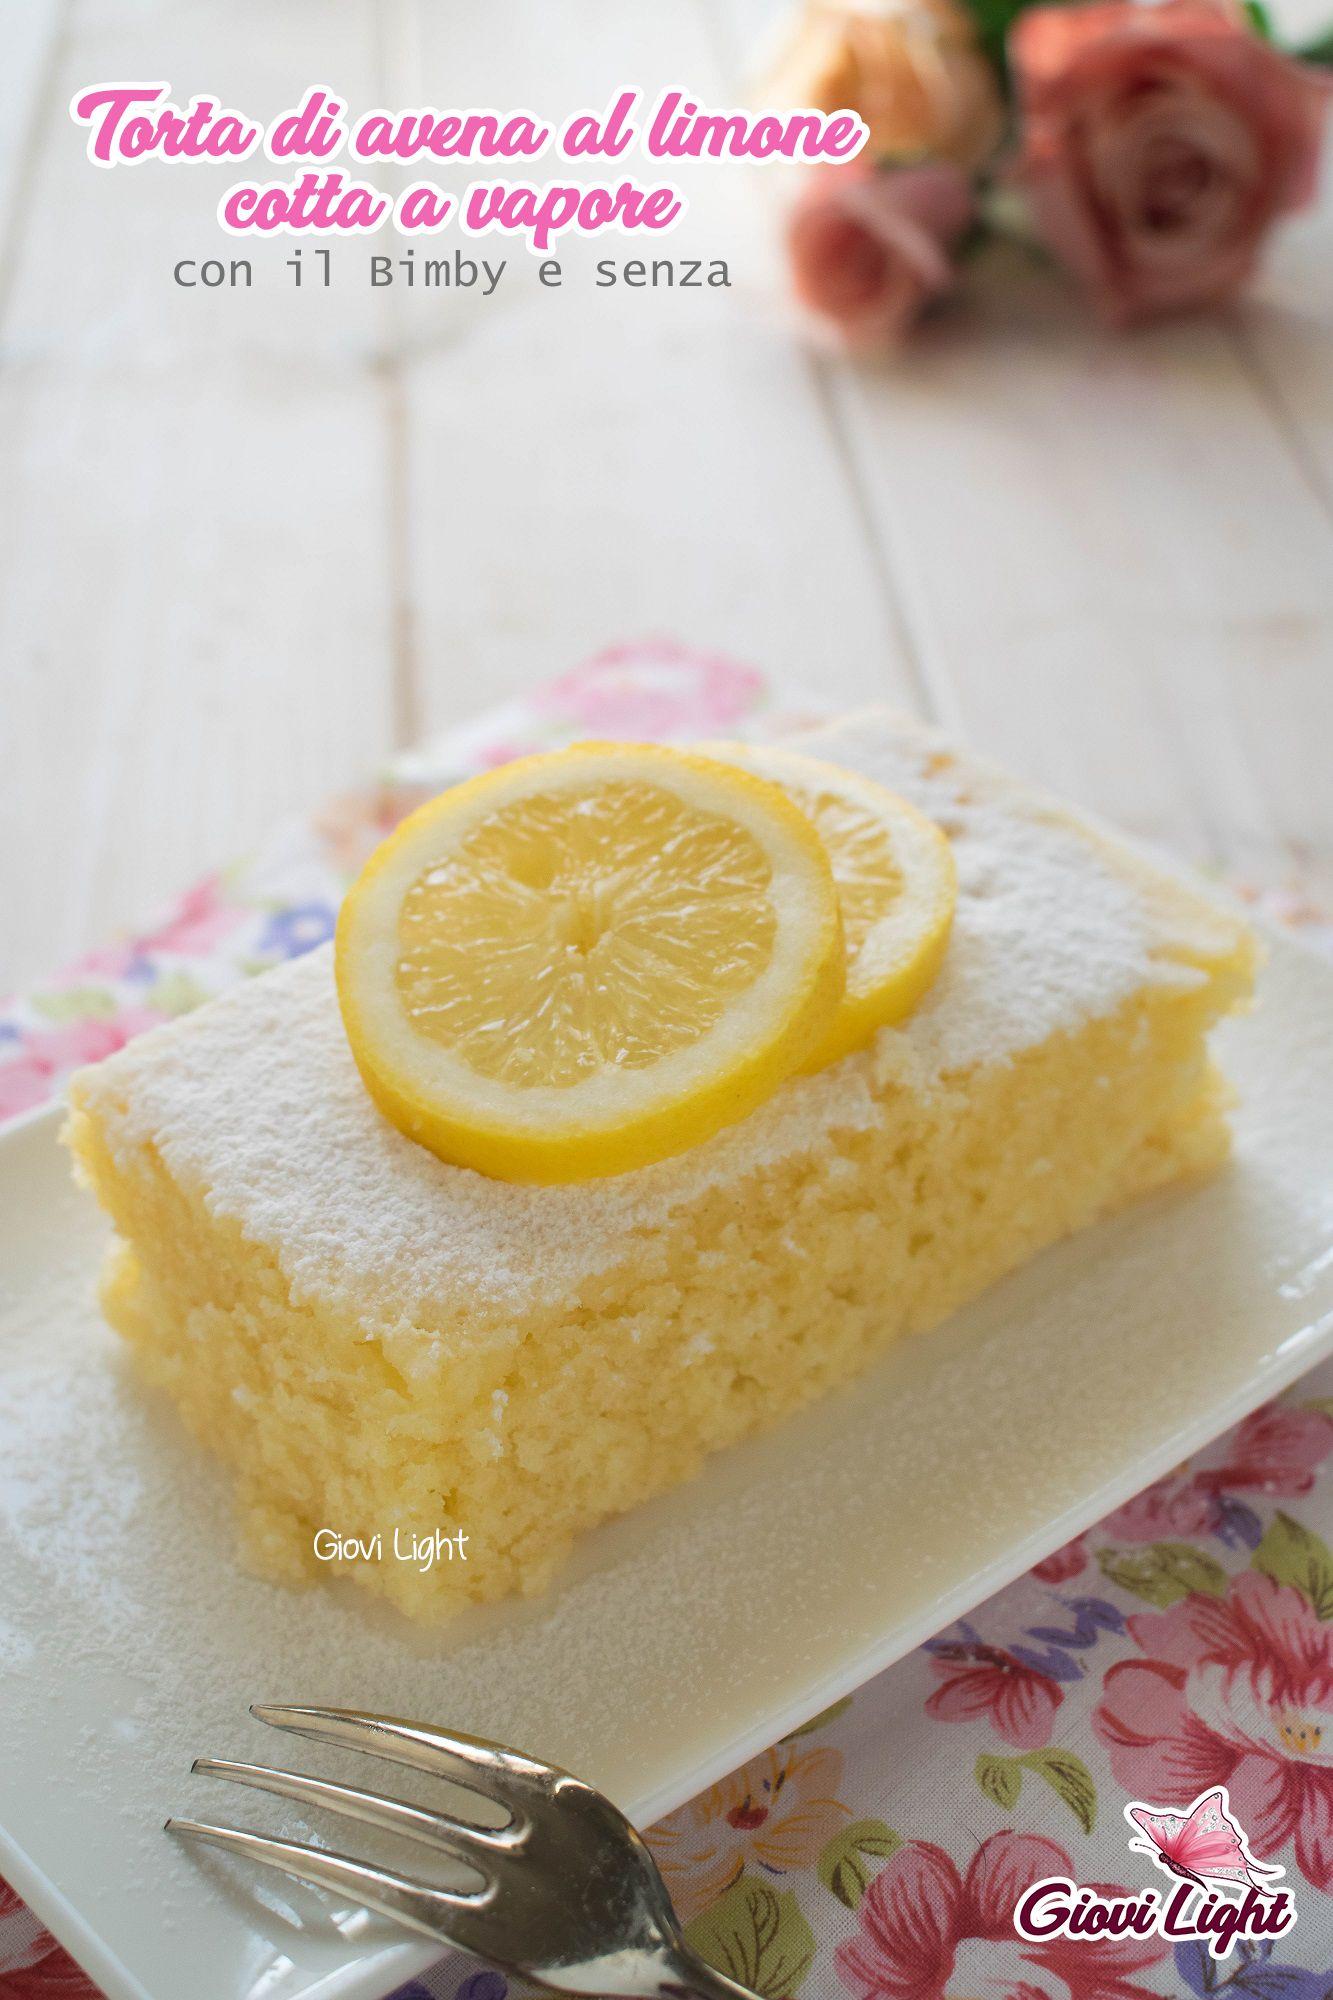 Torta Di Avena Al Limone Cotta A Vapore Con Il Bimby E Senza